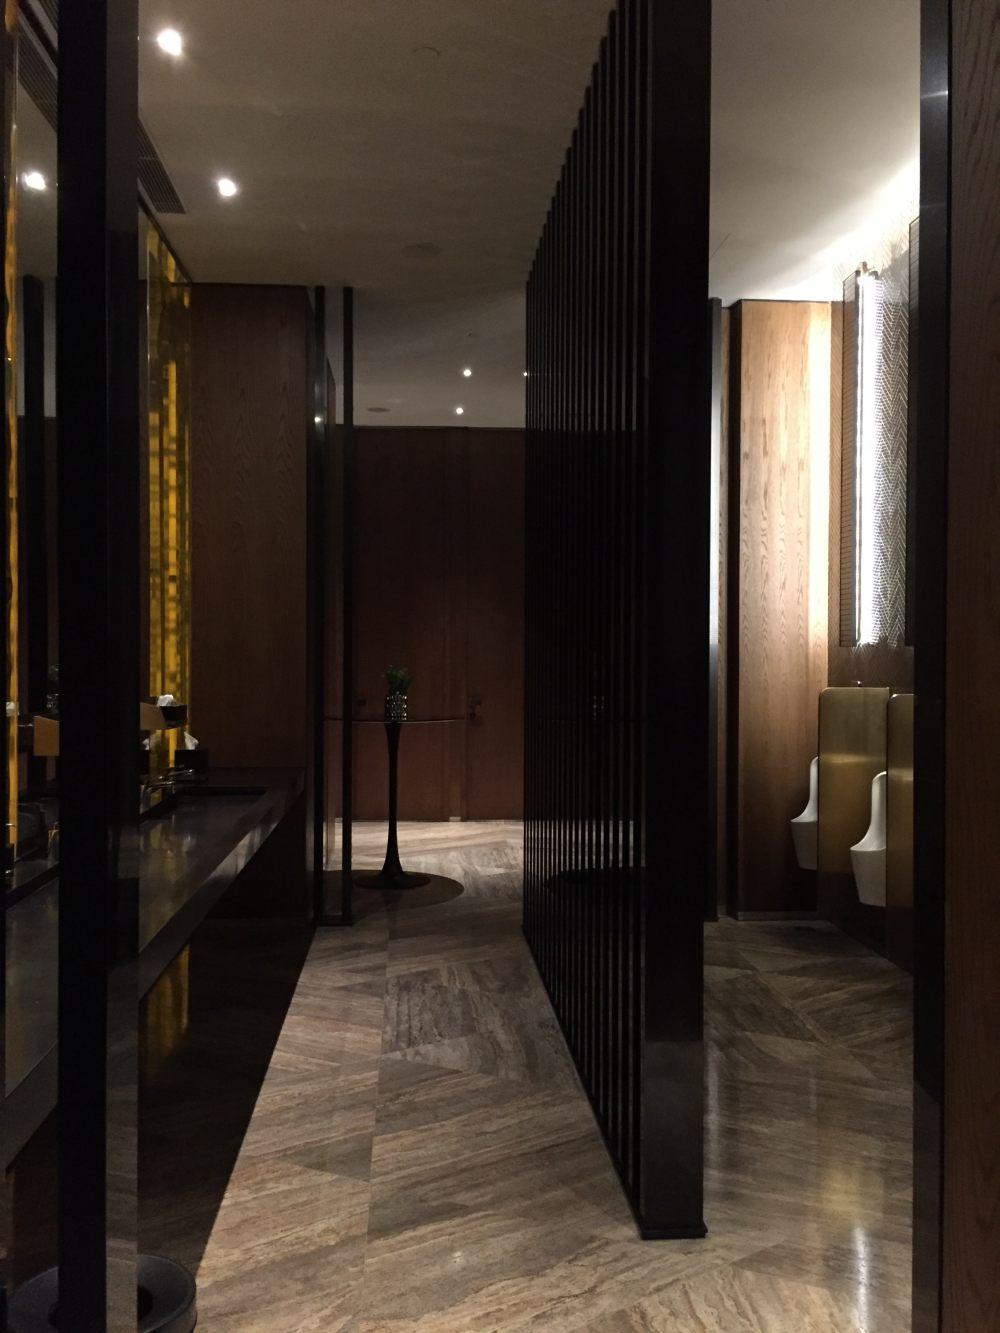 上海外滩W酒店,史上最全入住体验 自拍分享,申请置...._IMG_5969.JPG